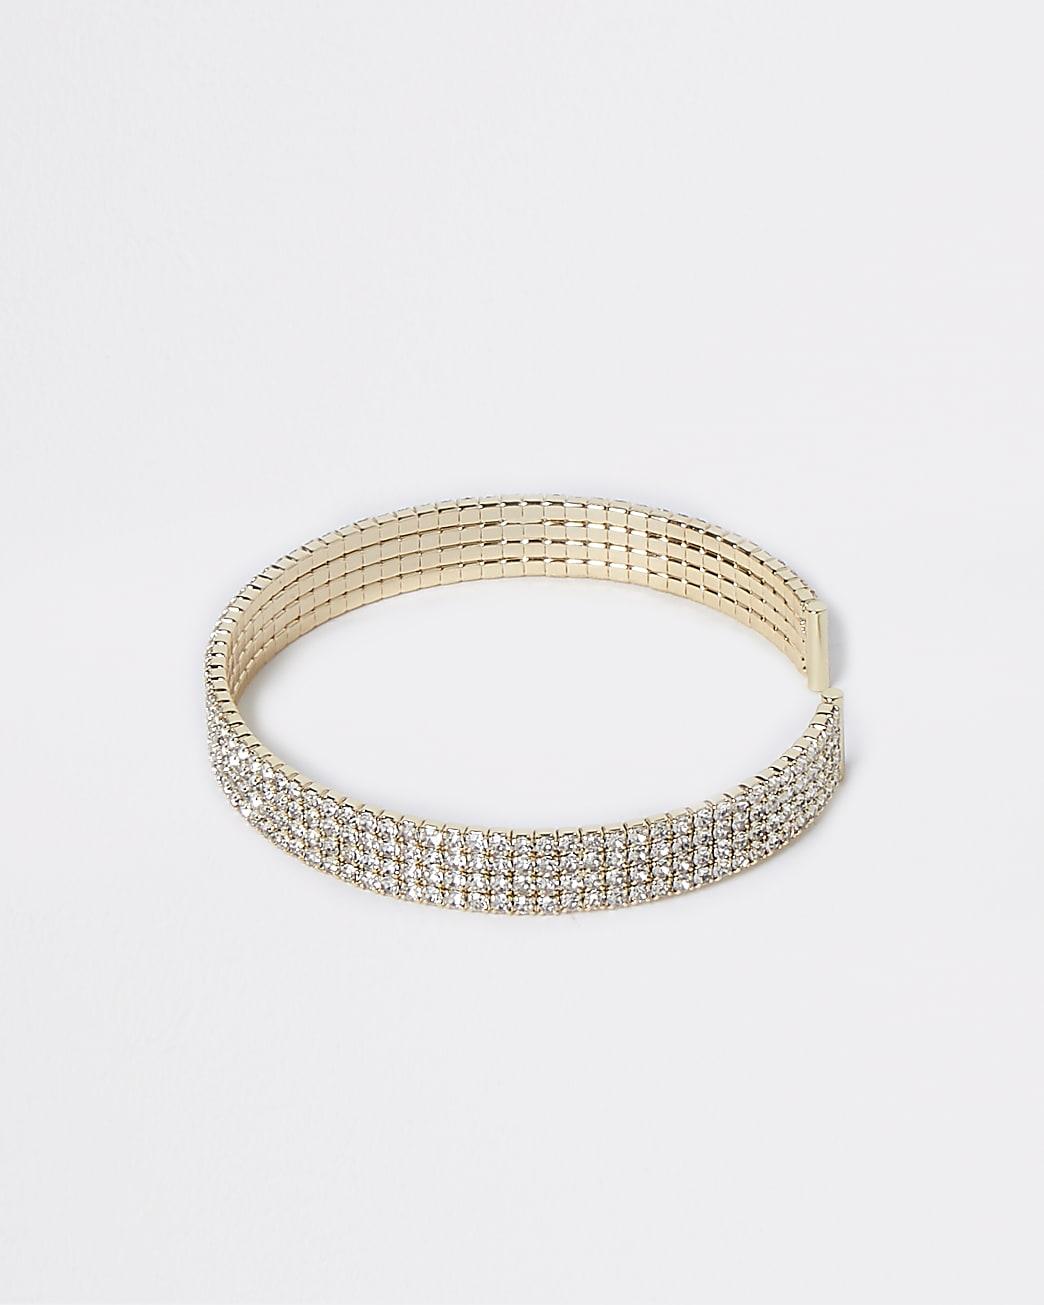 Chunky Pave Cuff Bracelet